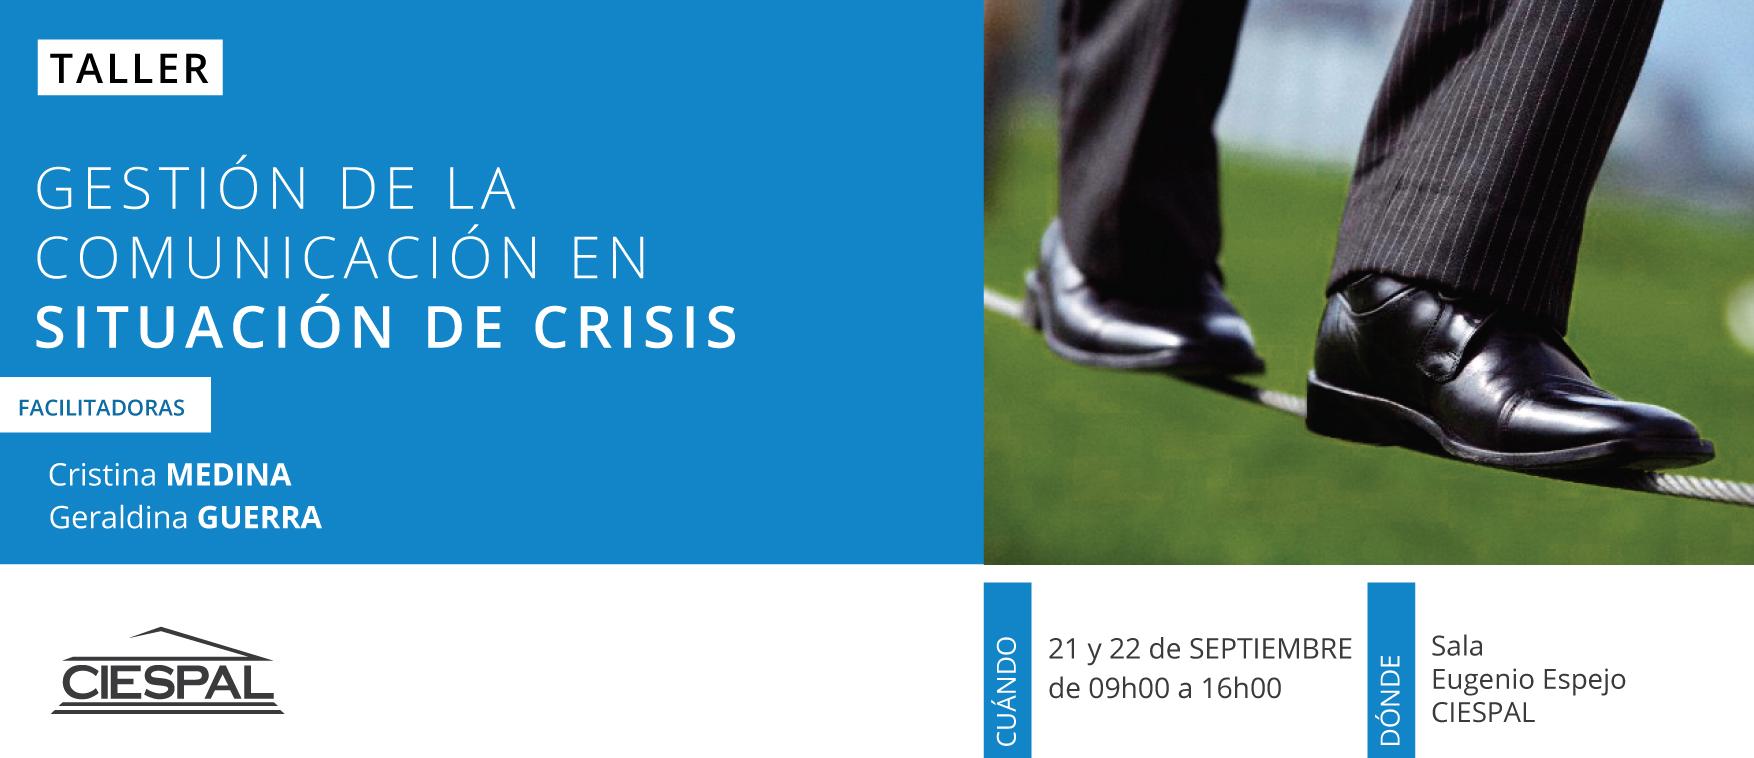 Taller de Gestión de la comunicación en situación de crisis